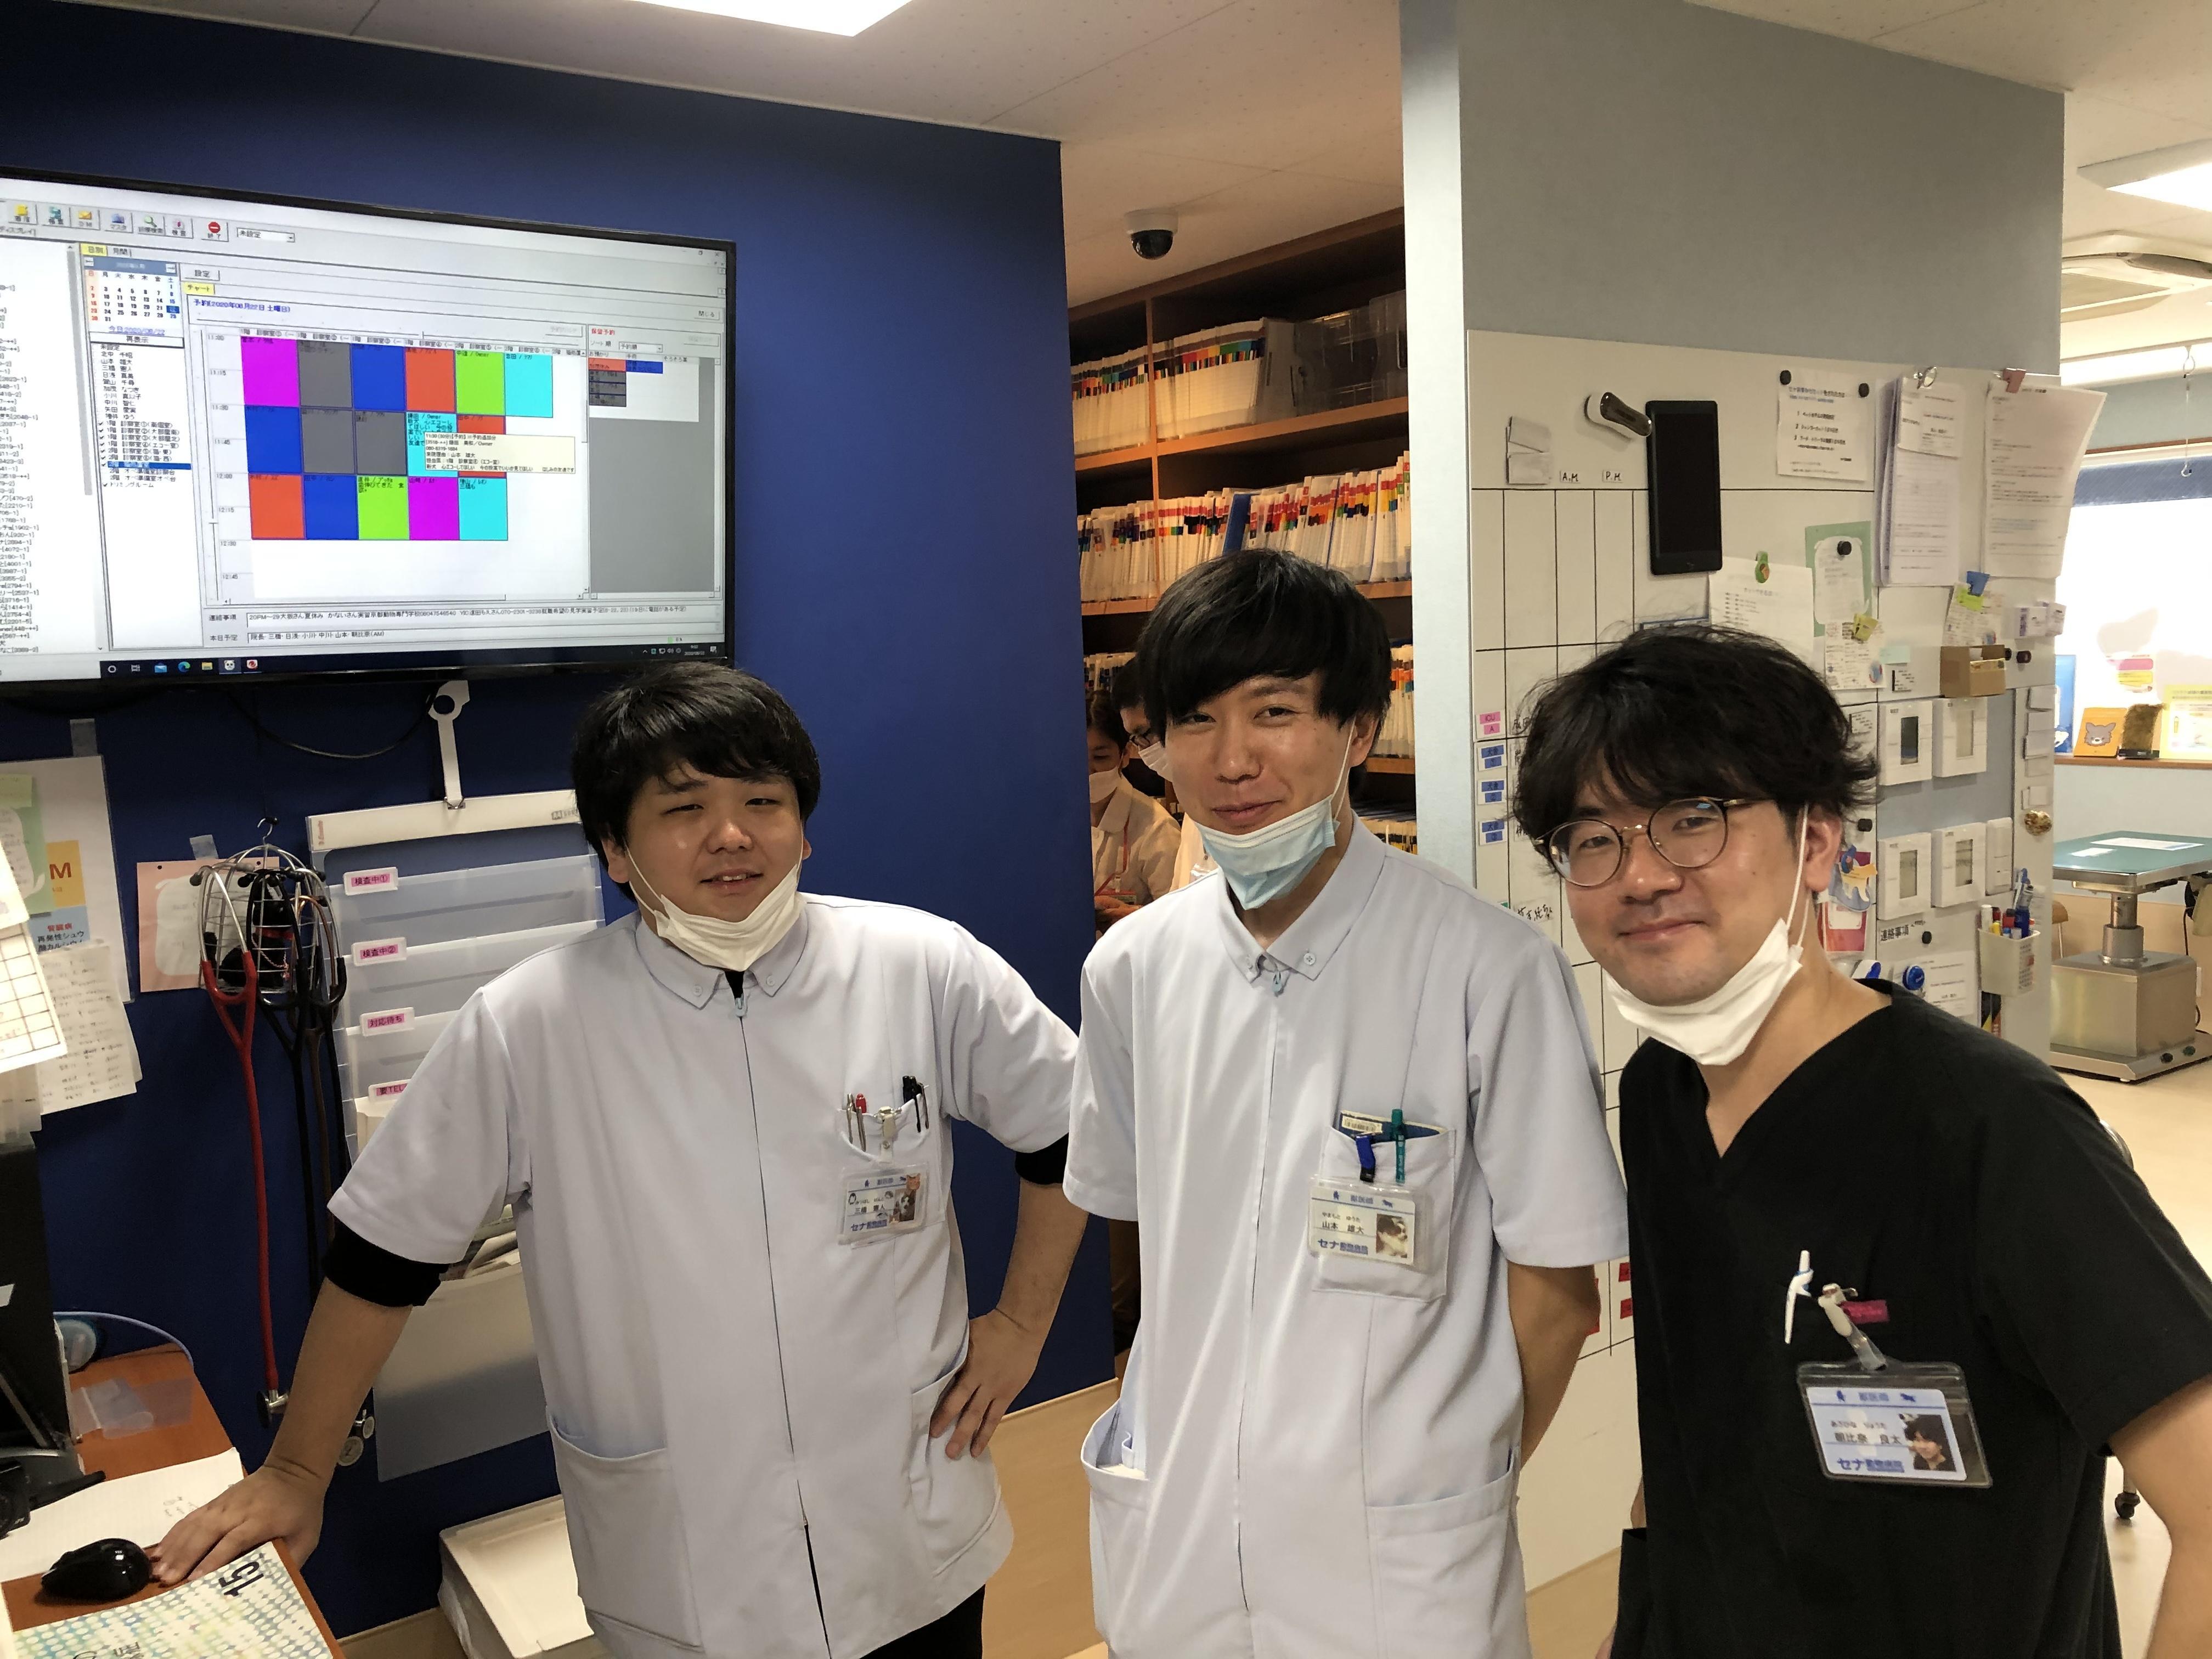 循環器科や皮膚科や眼科の専門の先生がおります!